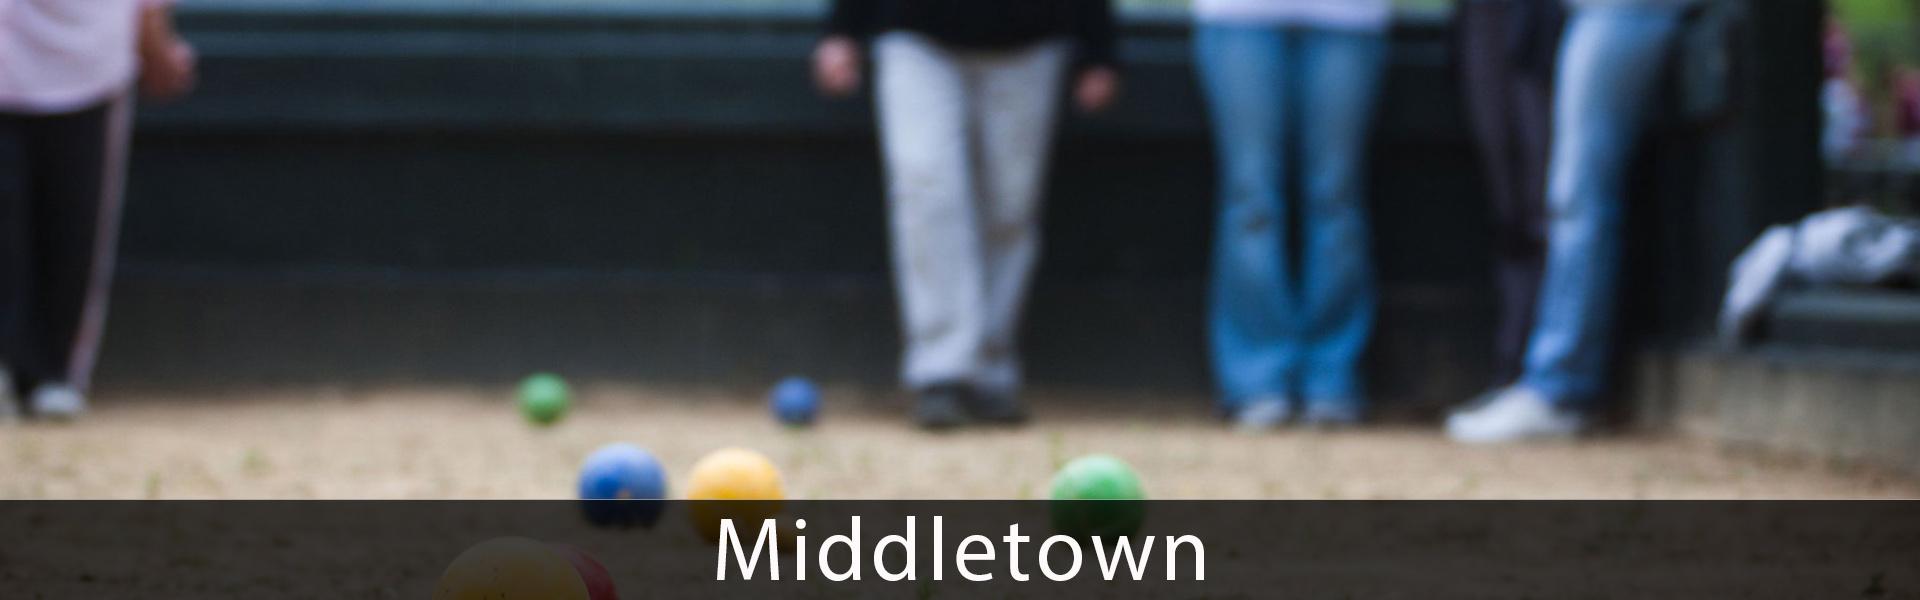 Middletown, California Morgan Lane Group